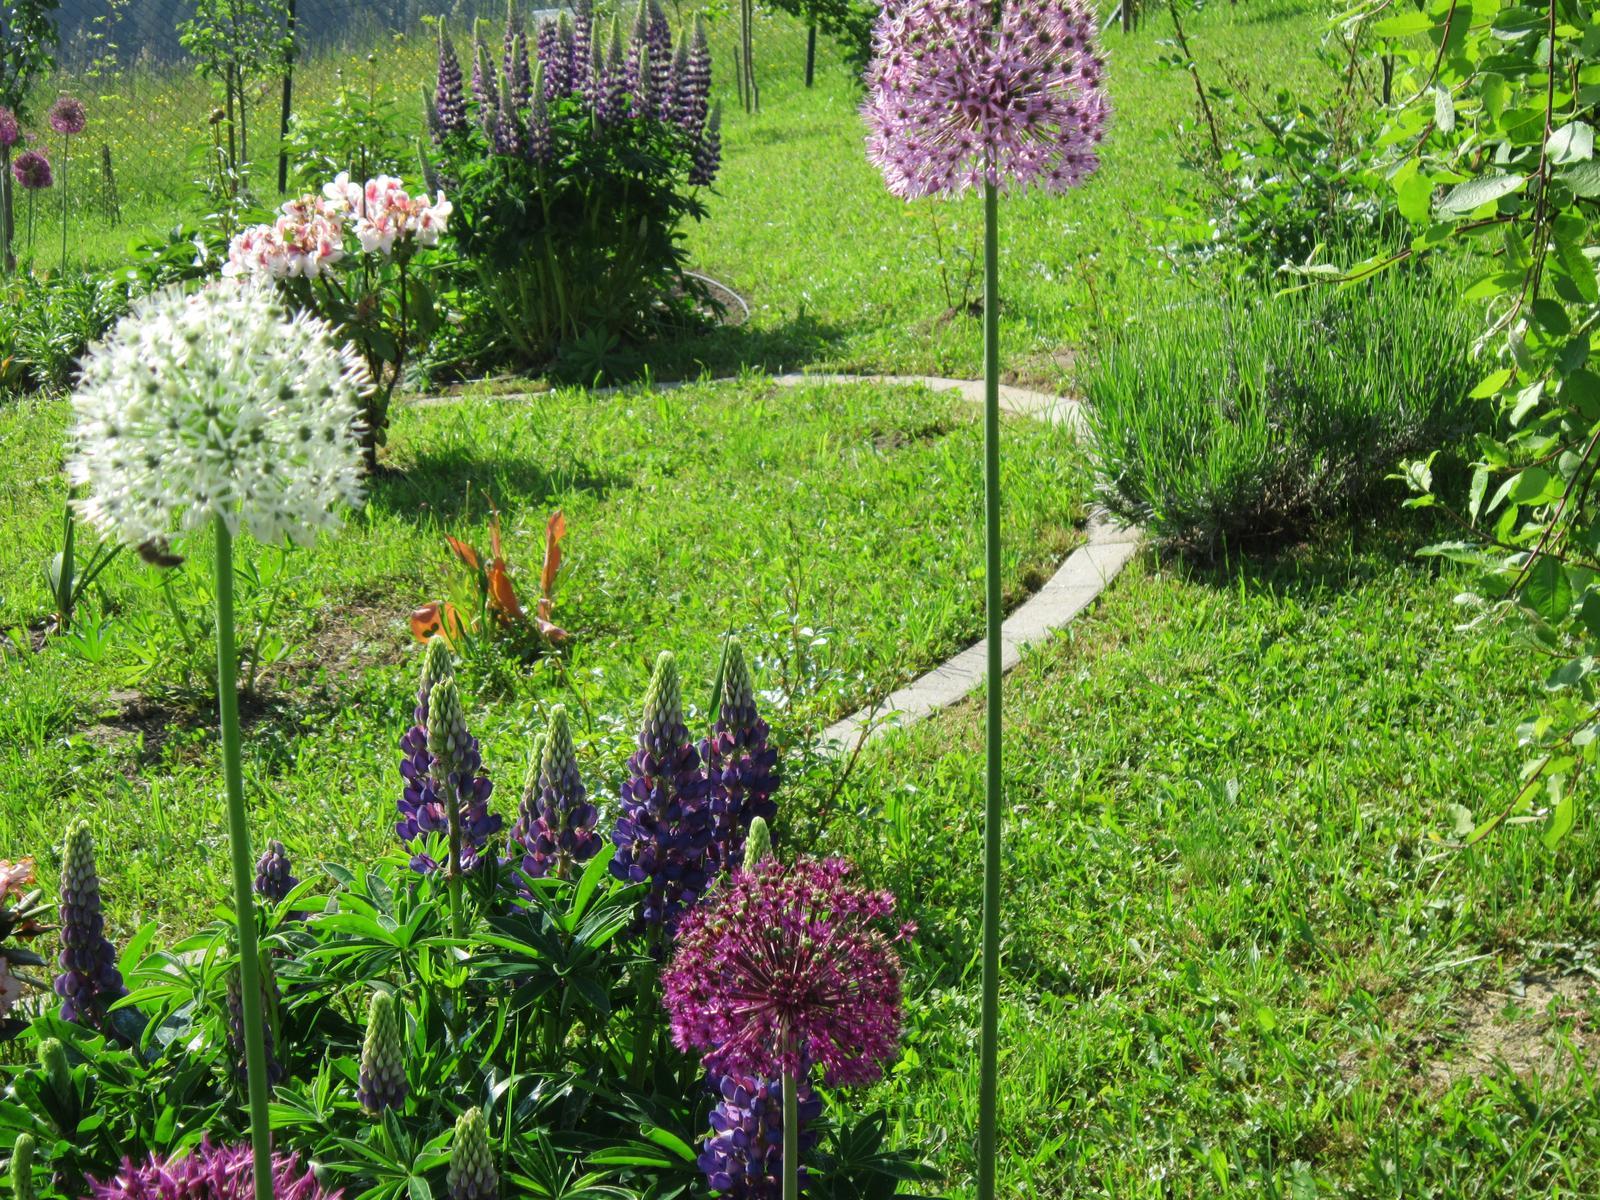 Moja záhrada...ako šiel čas - Obrázok č. 75